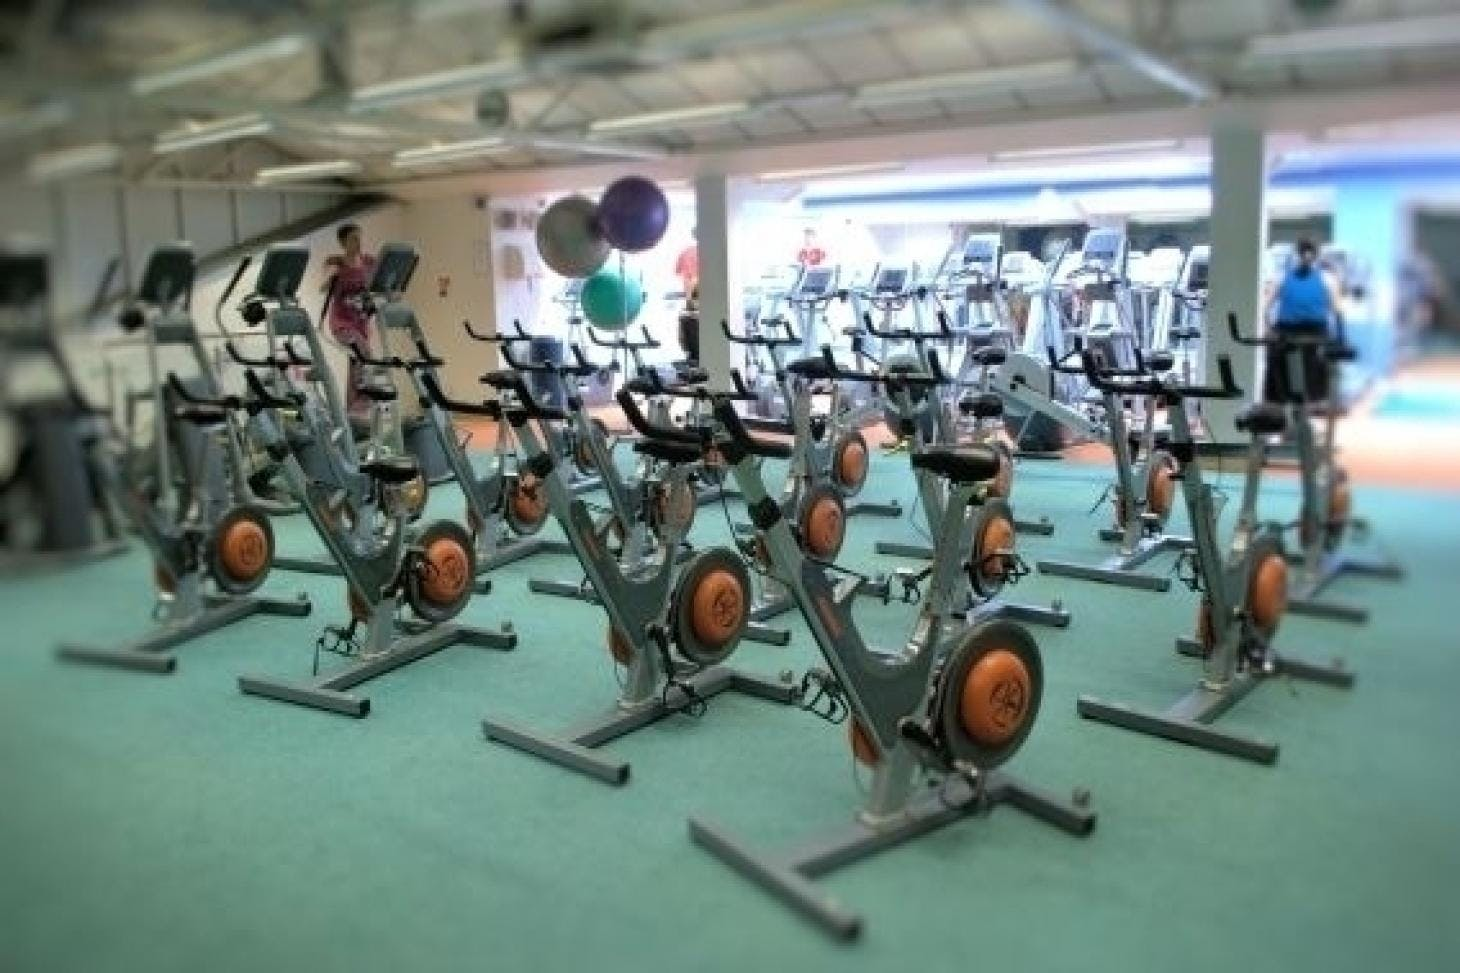 Balham Leisure Centre Gym gym